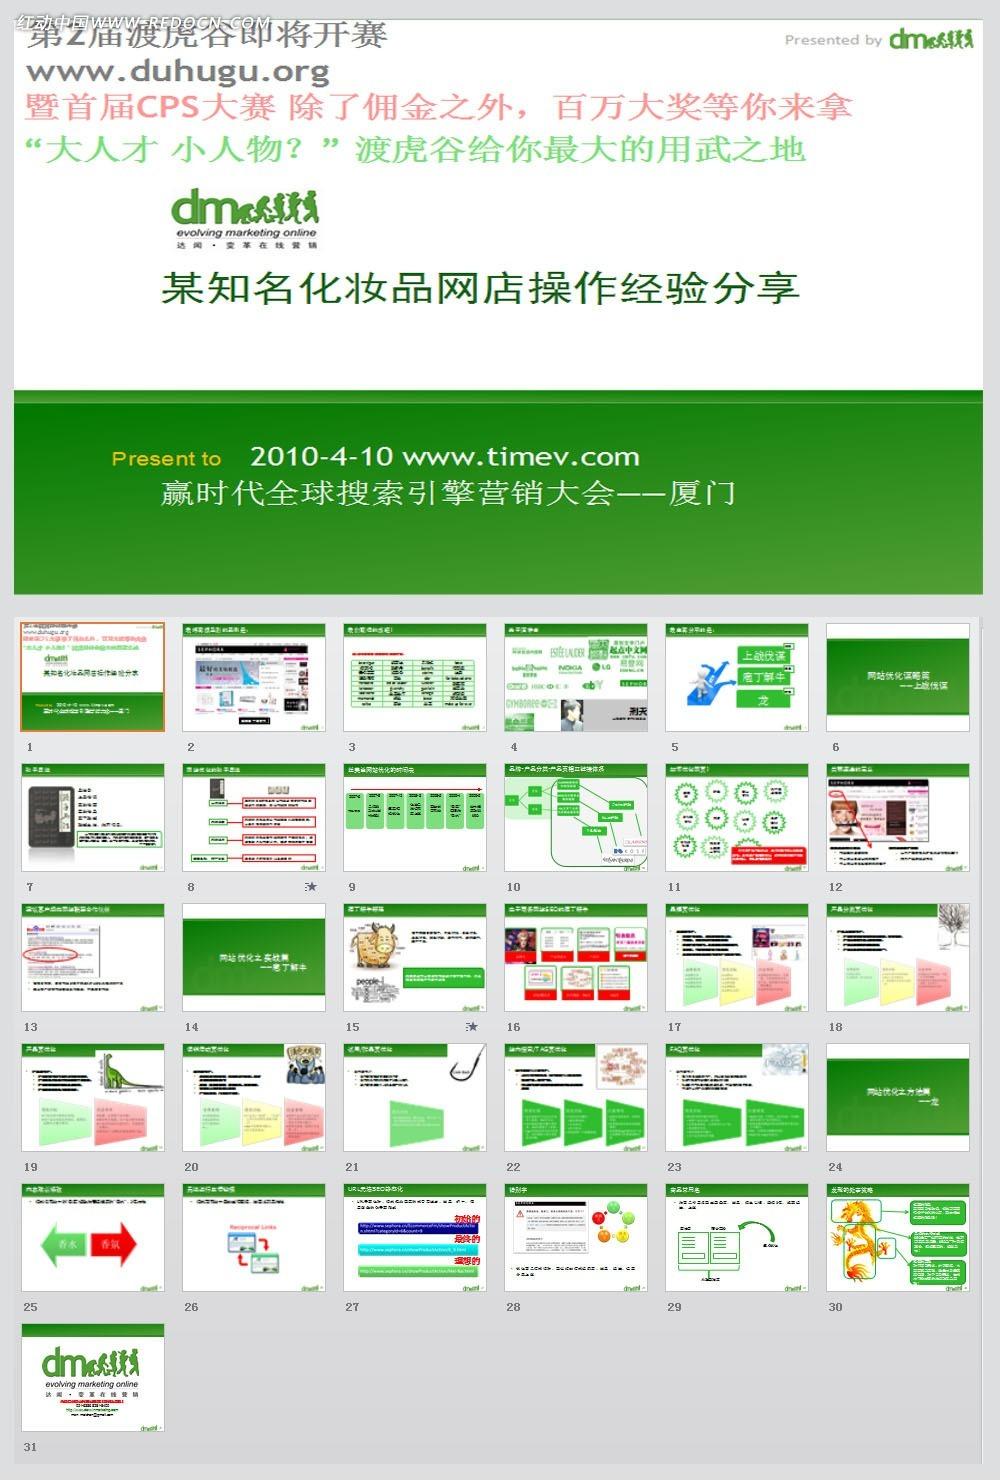 赢时代全球搜索引擎营销大会刑天演讲稿ppt模